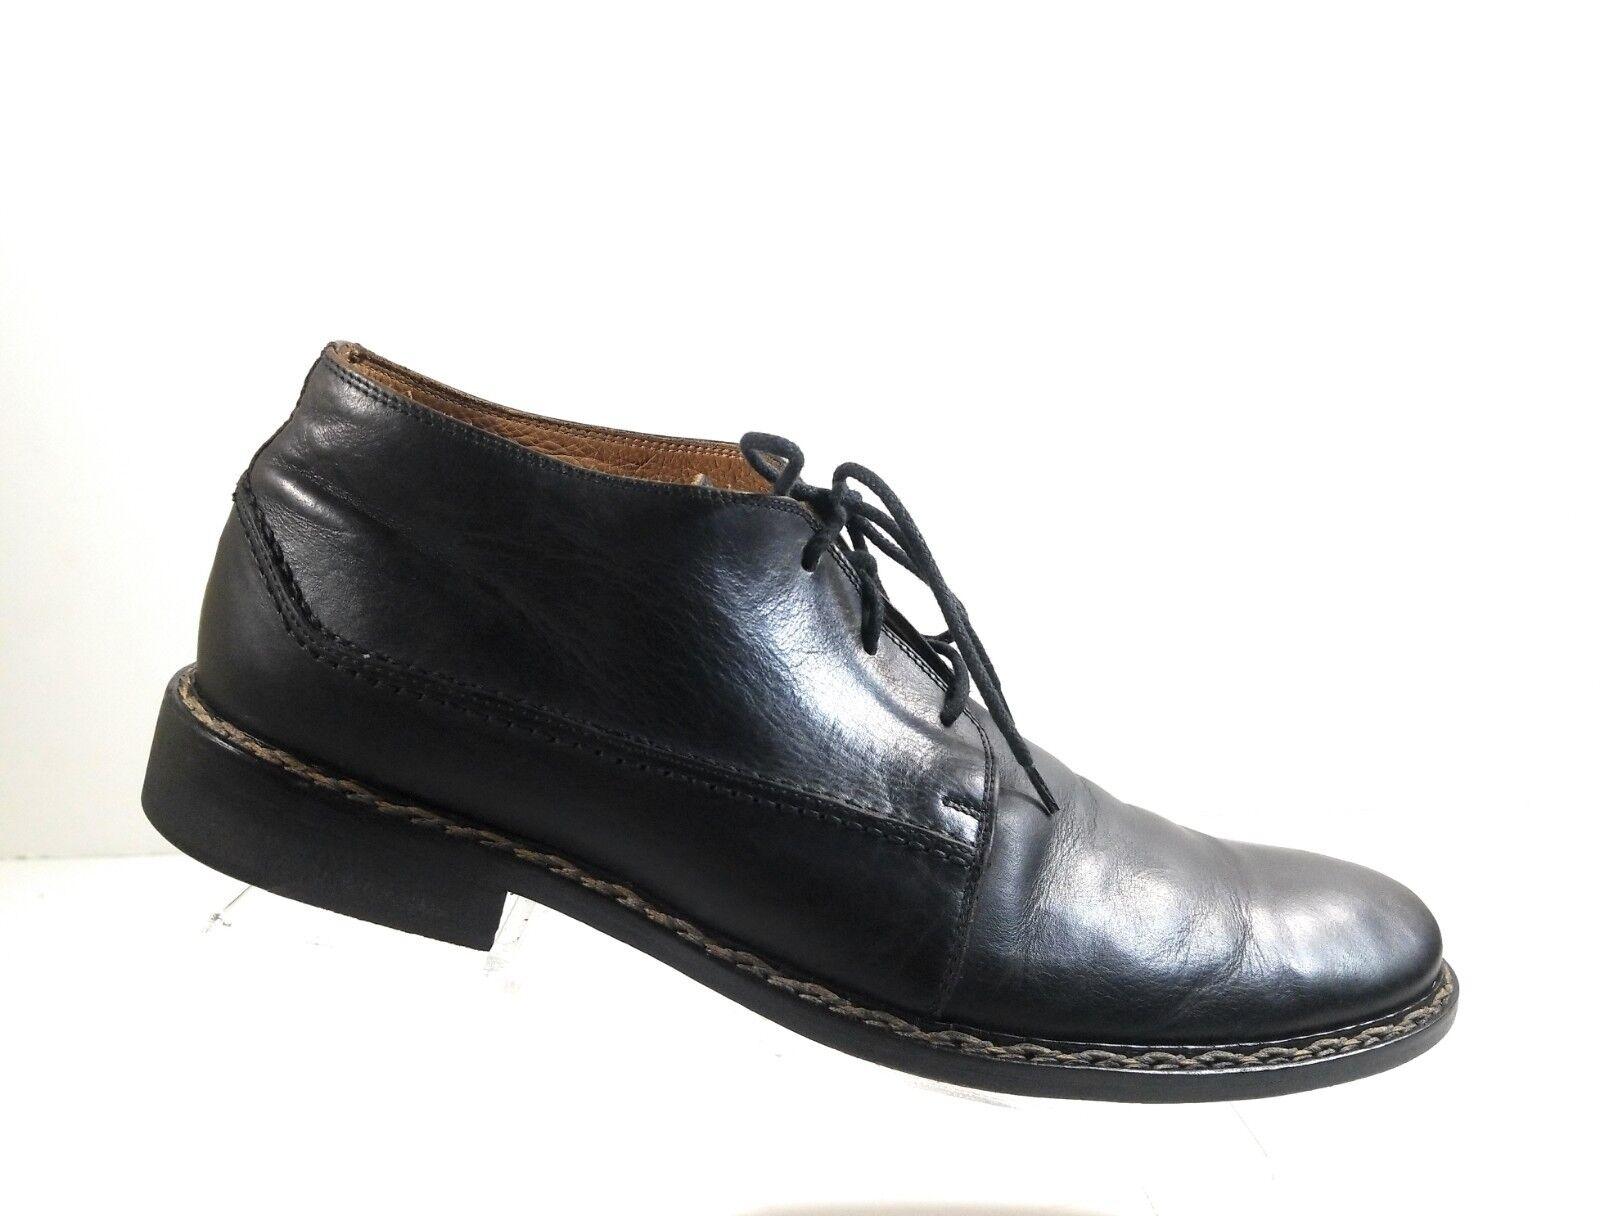 4802ca6e John Varvatos Hombres Negro Cuero Oxford De Vestir Con Cordones Alto Zapatos  Sólido Top nbiluy2446-Zapatos de vestir